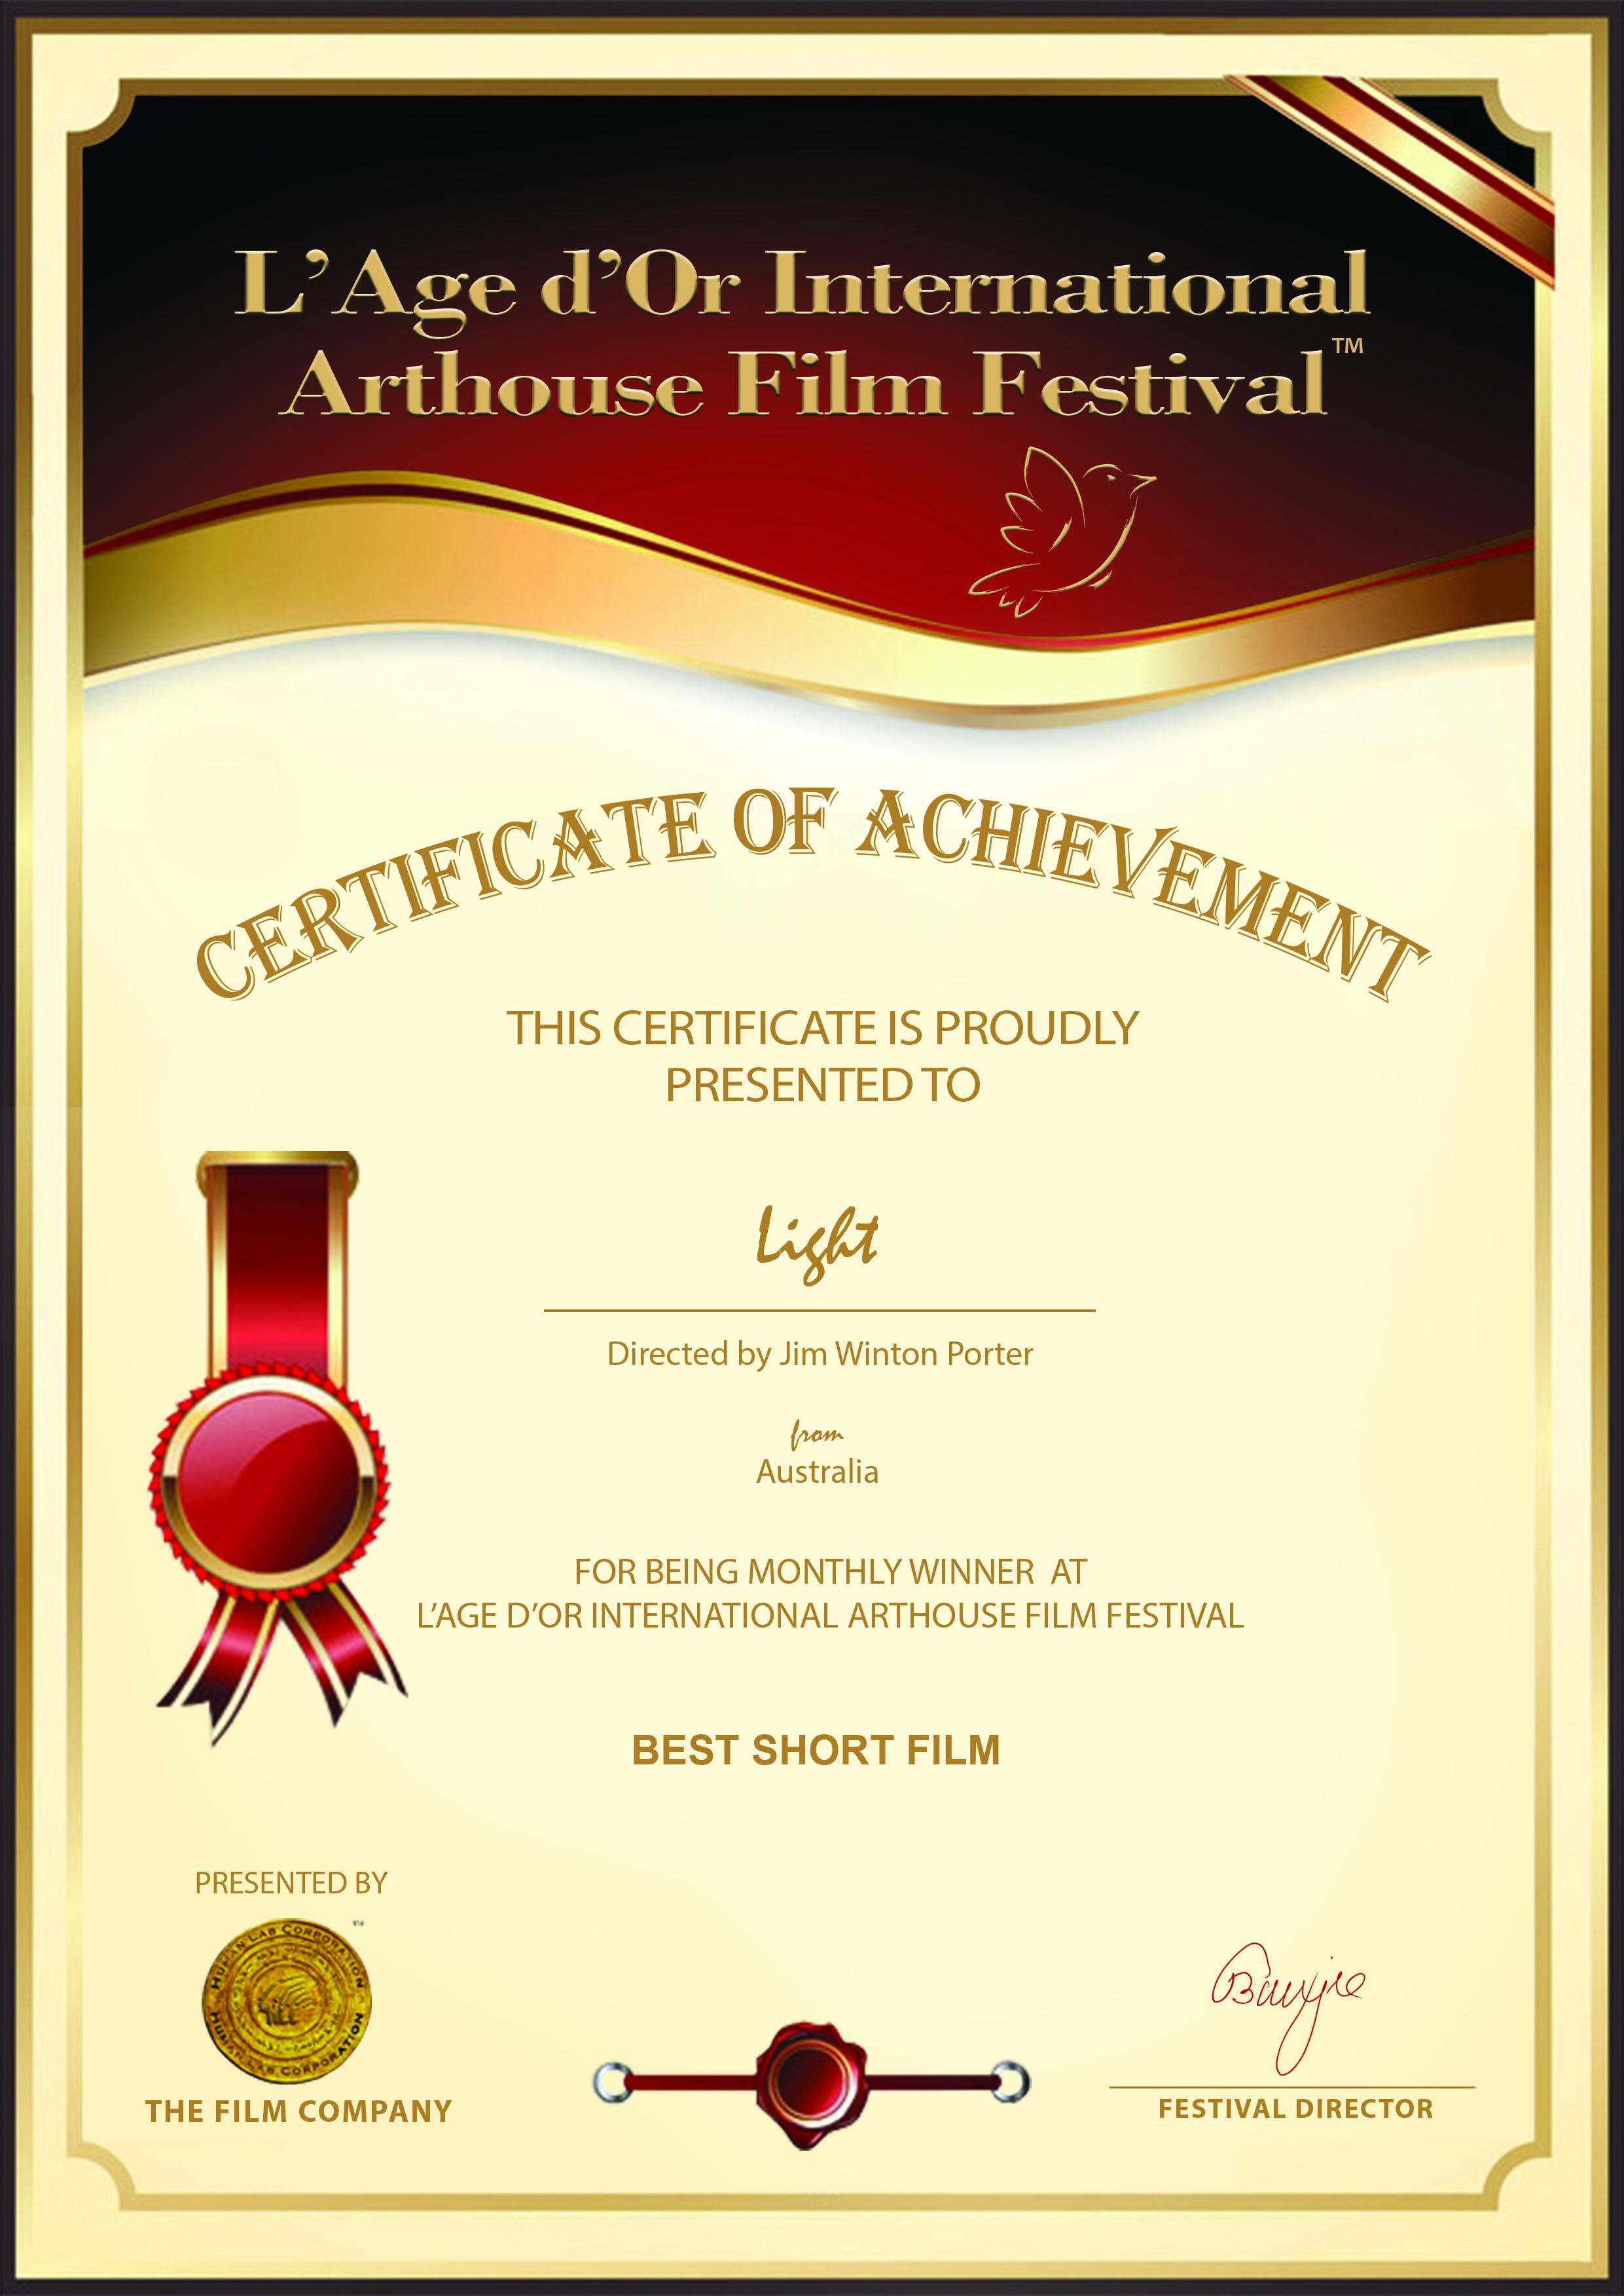 Short Film Monthly Winner